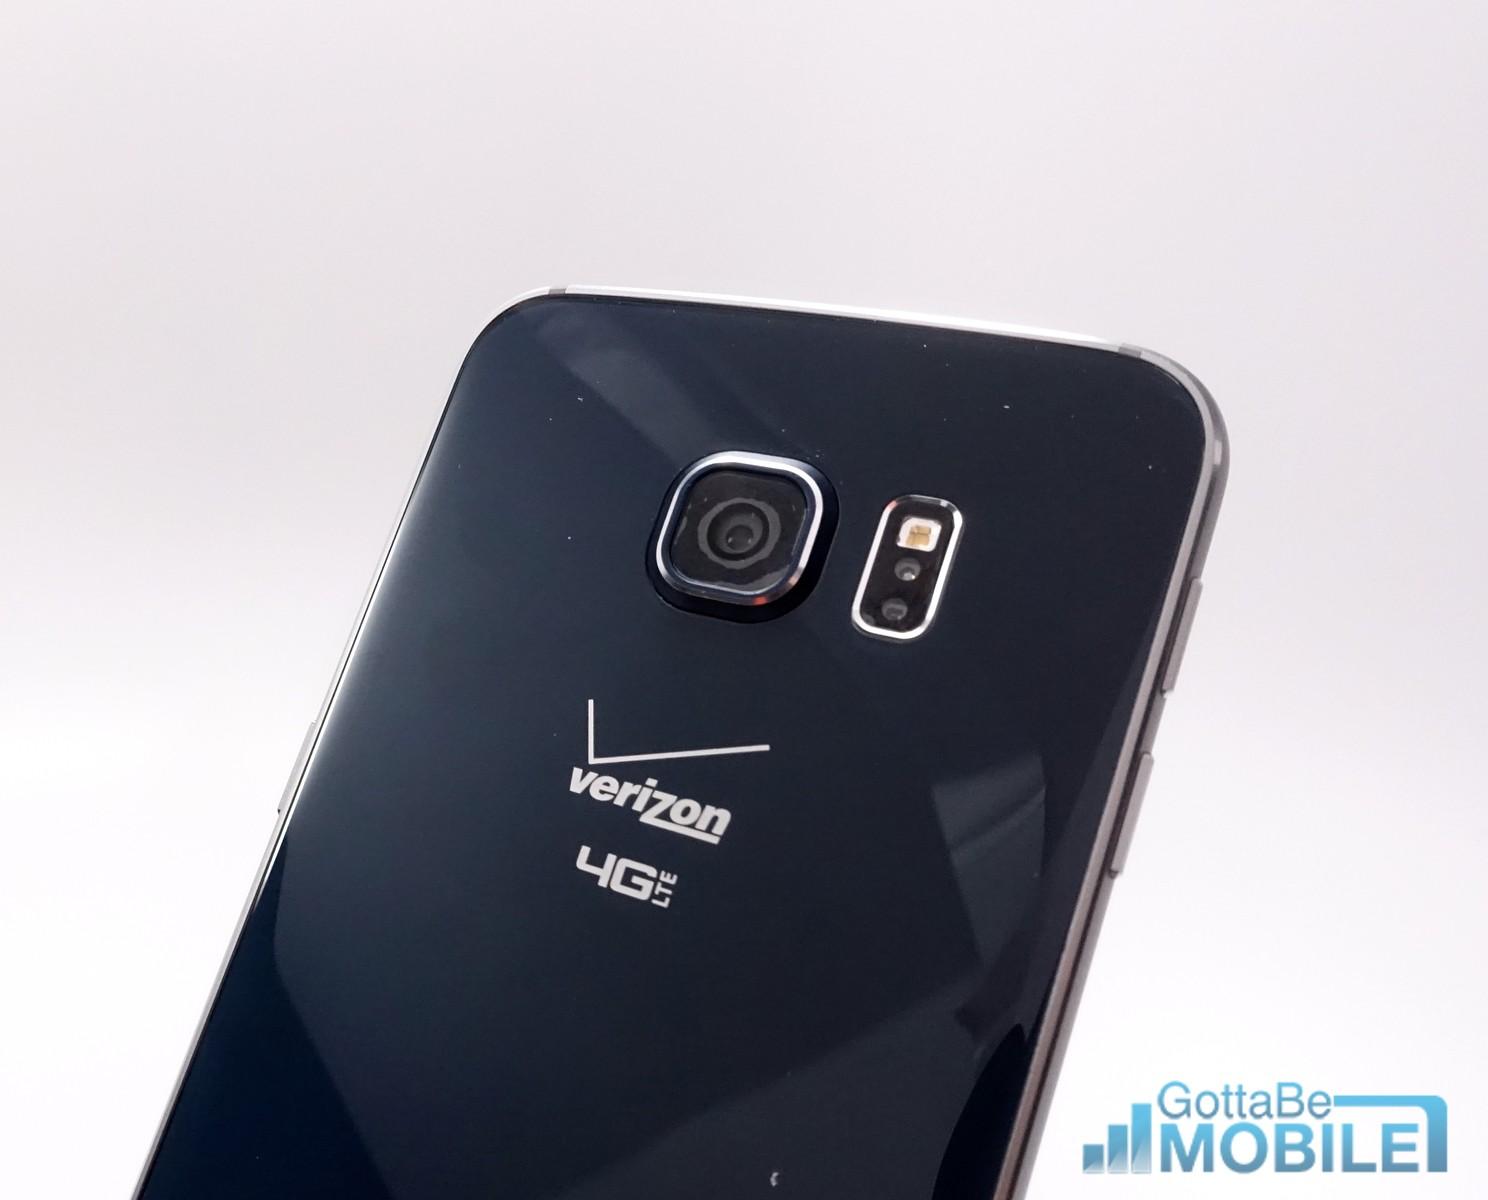 Lär dig hur du åtgärdar några Galaxy S6 Edge-problem.